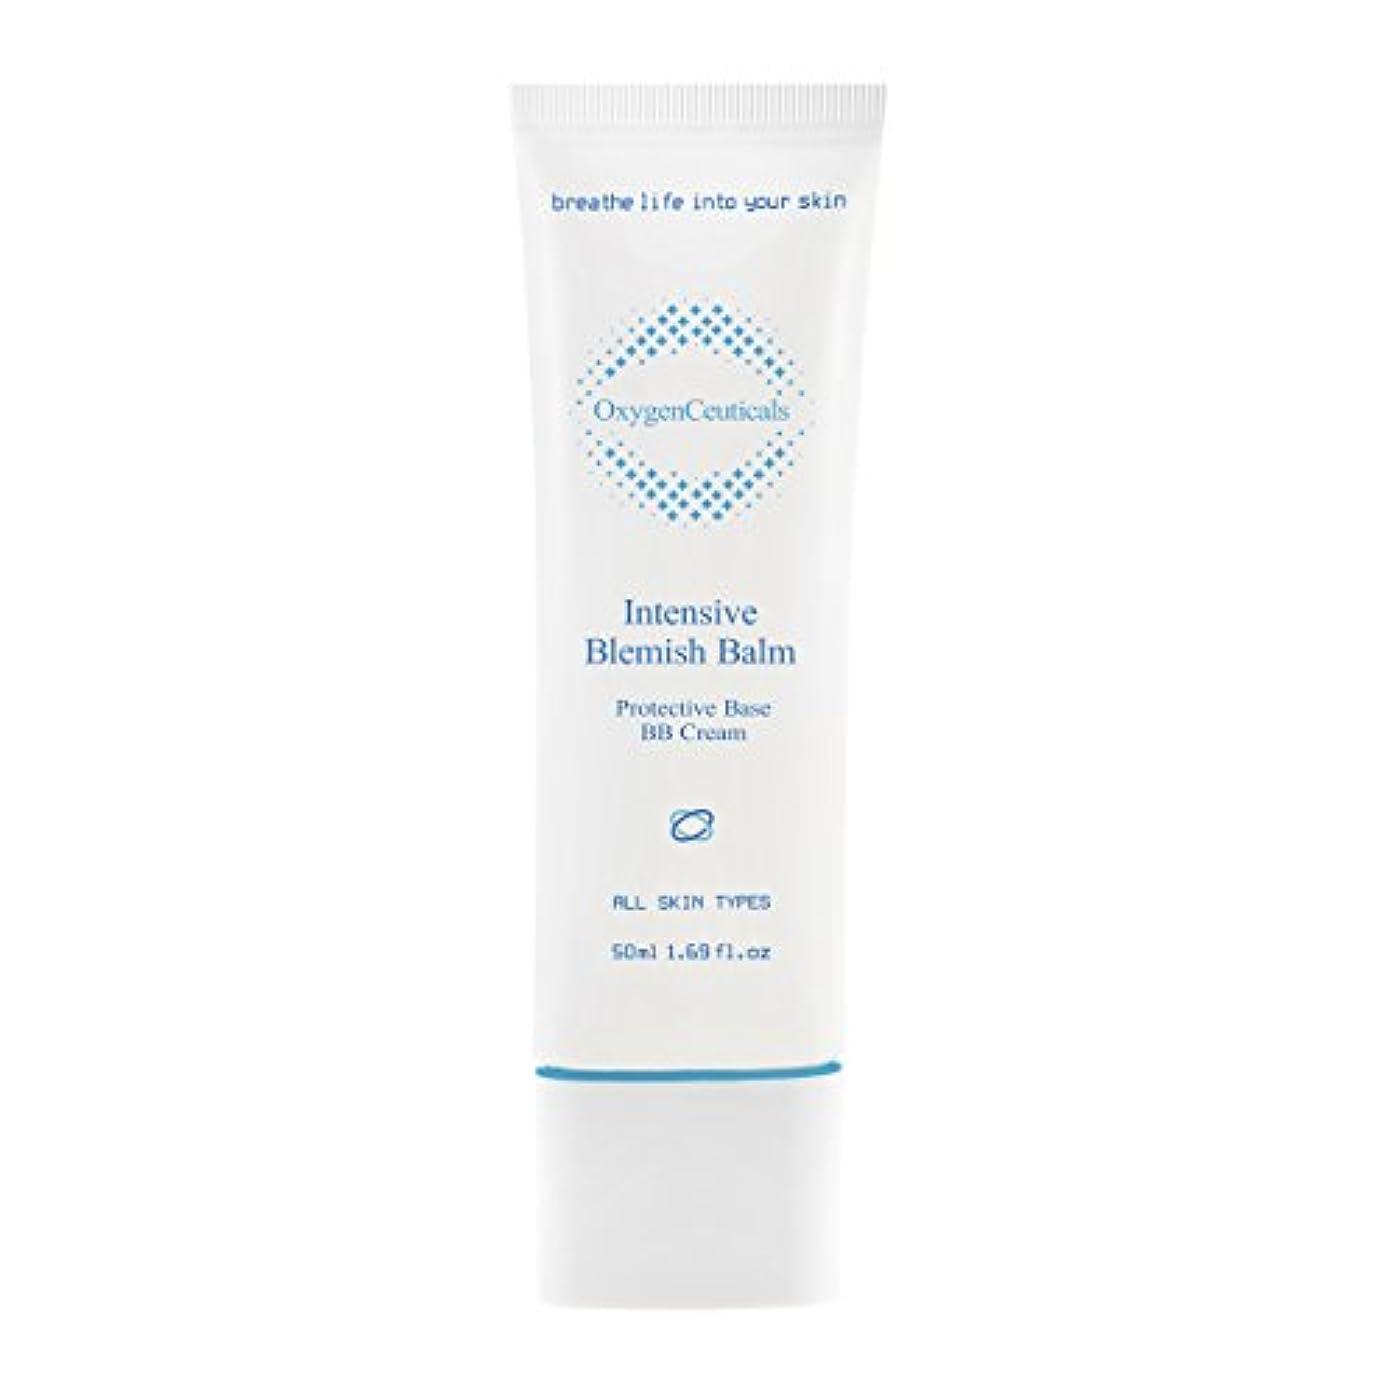 ネコトリップ含意[ Oxygen Ceuticals ] オキシジェンシューティカルズ 酸素BBクリーム[再.生BB] 50ml. Intensive Blemish Balm(BB Cream) 50ml. X Mask Pack 1p.